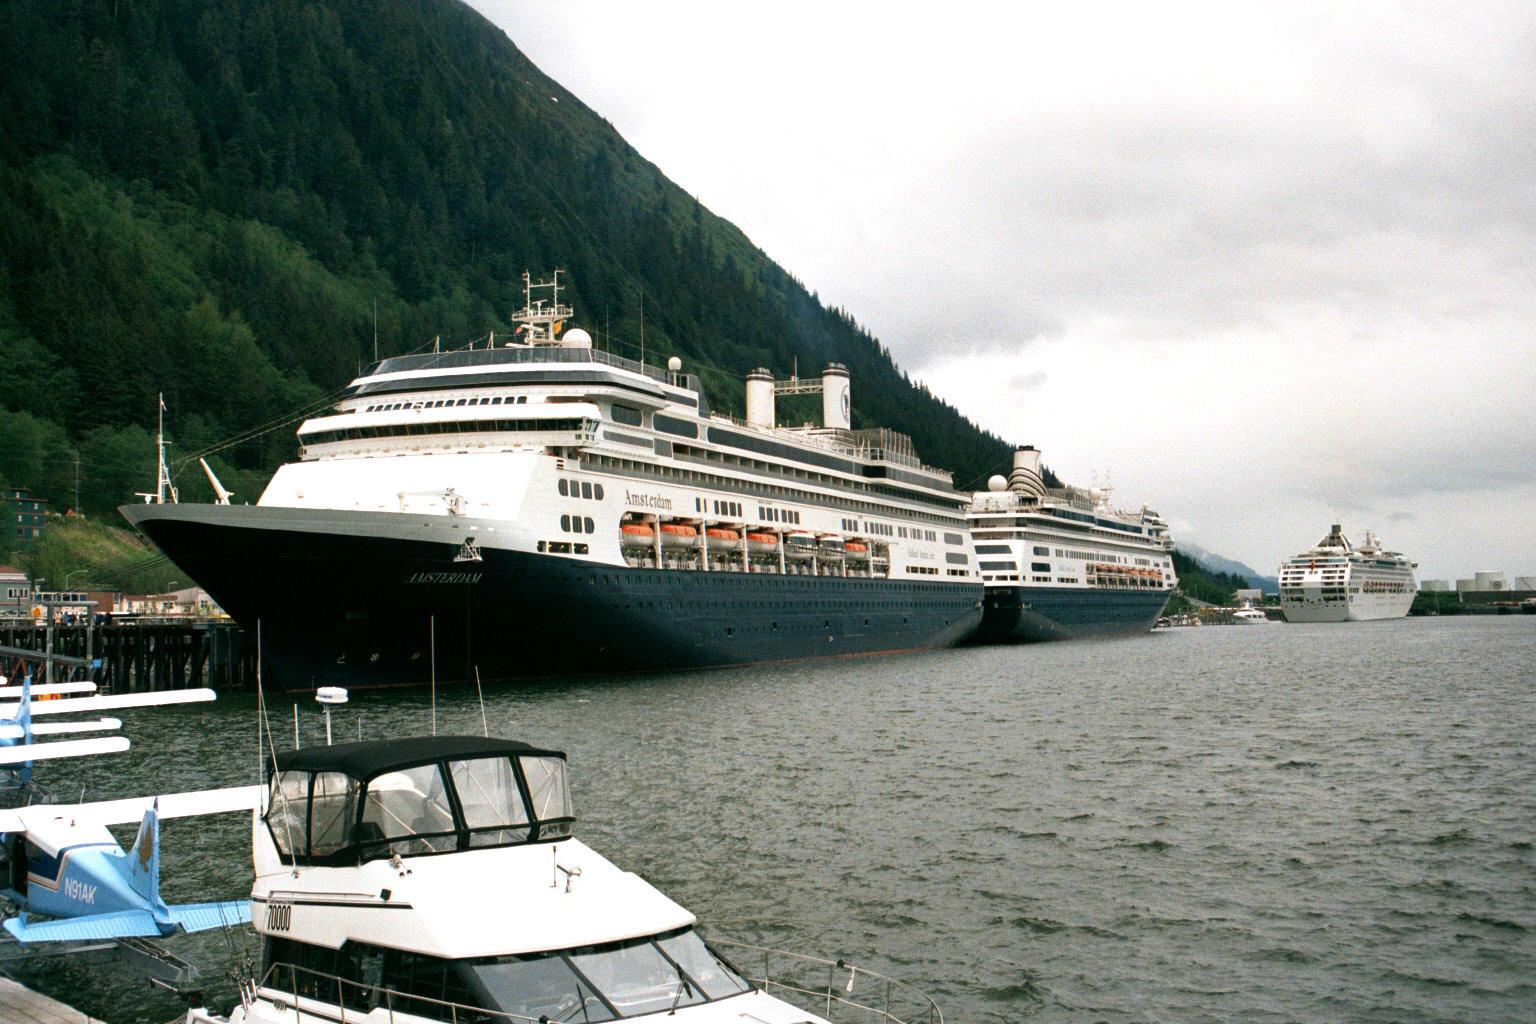 Cruise_Ships_in_Juneau_Alaska